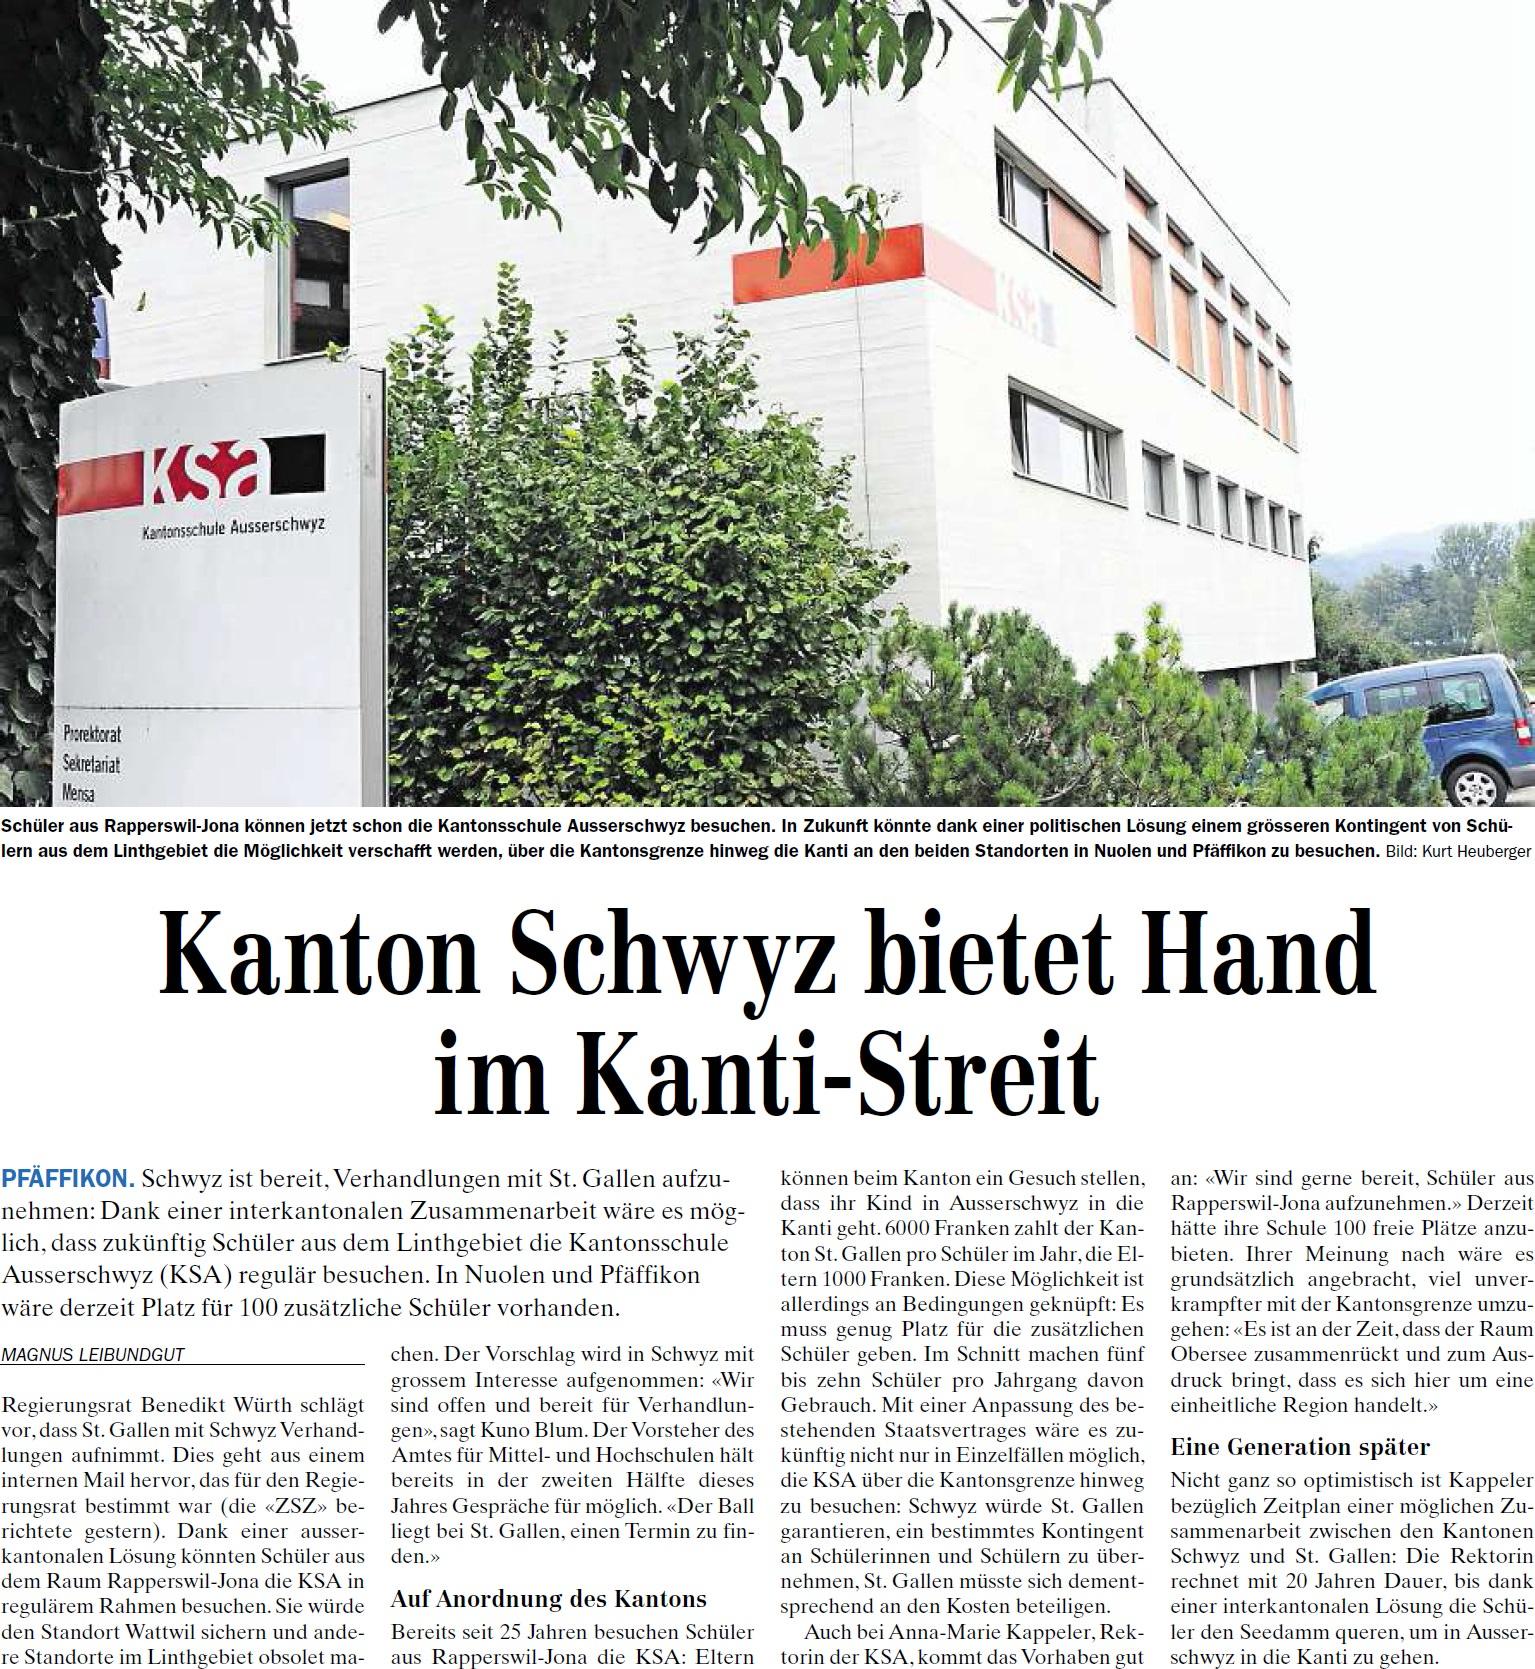 Kanton Schwyz bietet Hand im Kanti-Streit (Mittwoch, 30.04.2014)